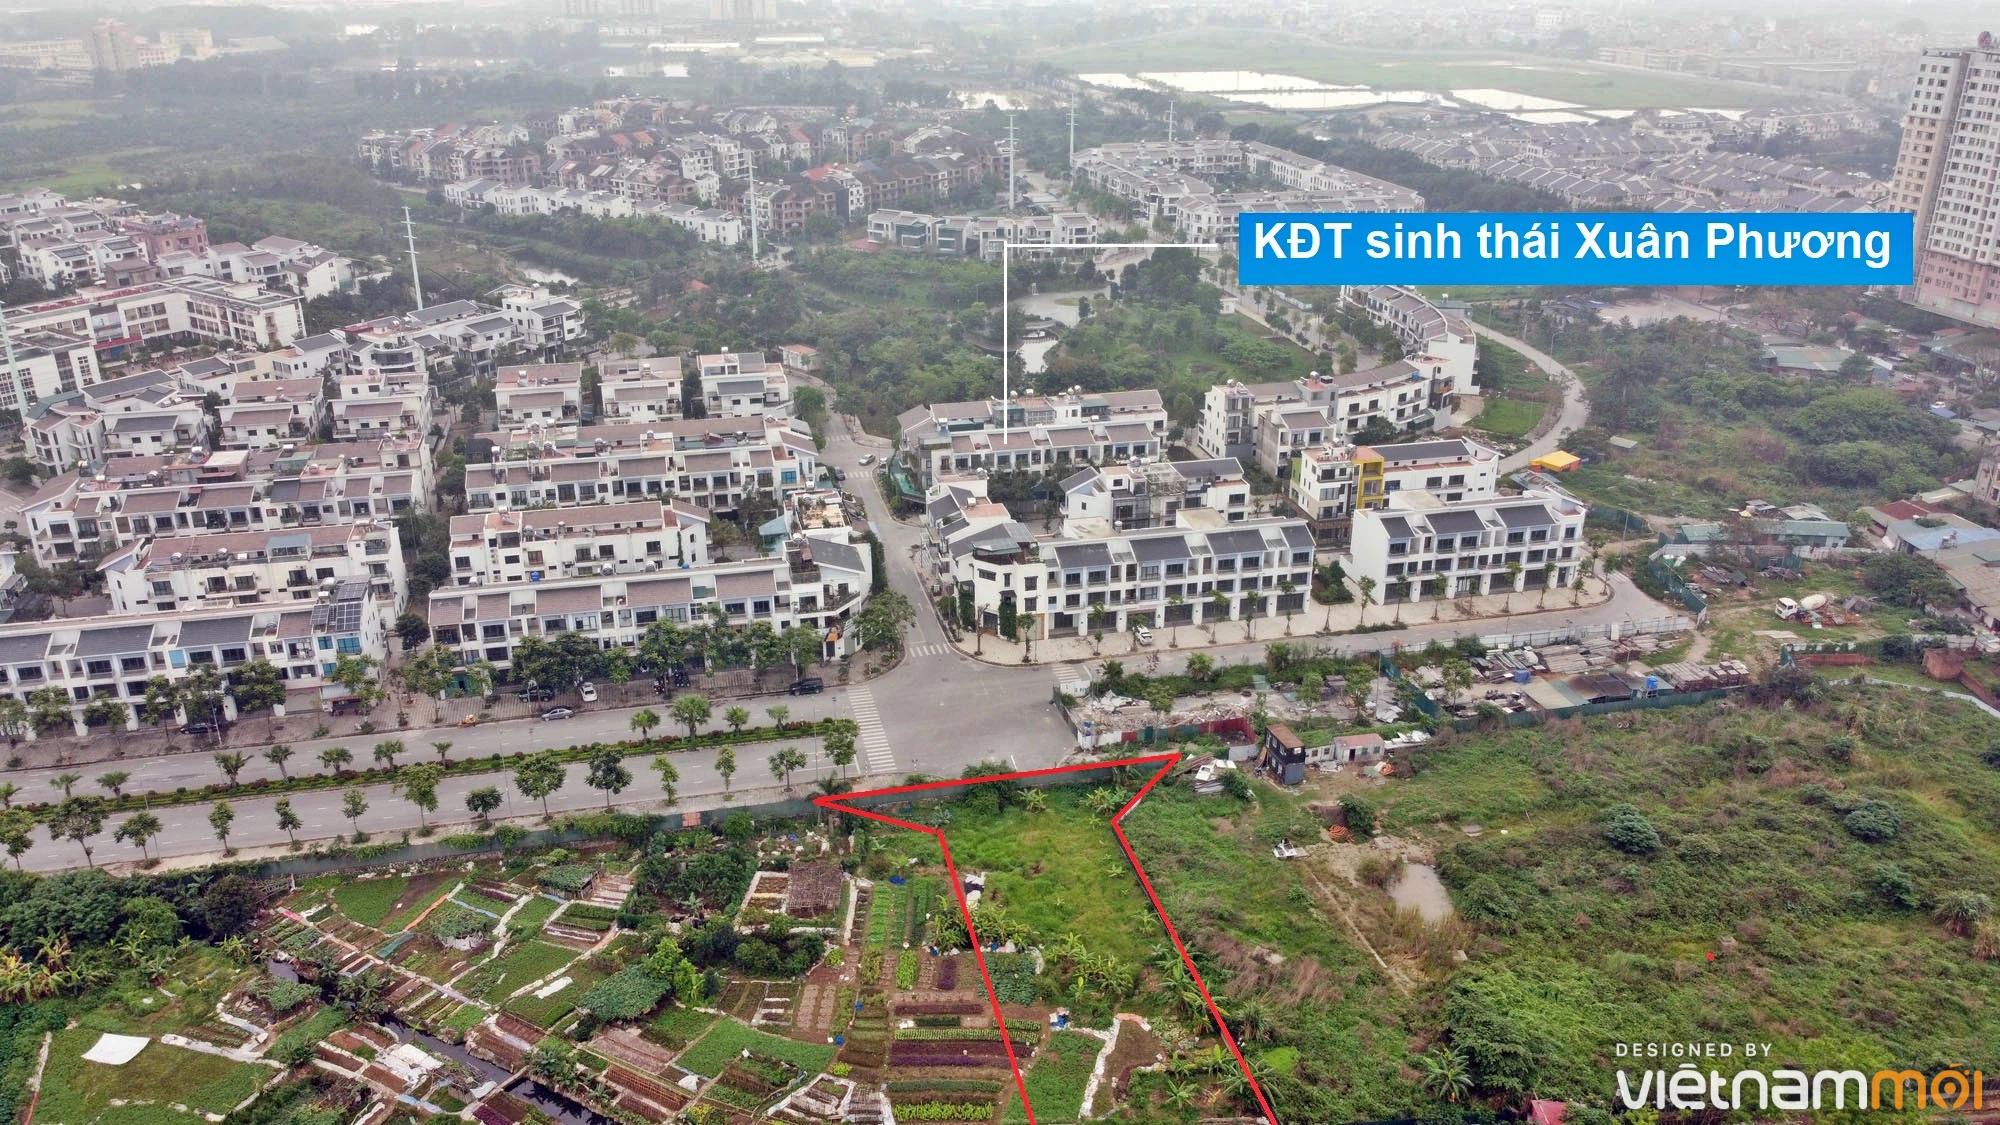 Những khu đất sắp thu hồi để mở đường ở phường Xuân Phương, Nam Từ Liêm, Hà Nội (phần 2) - Ảnh 11.